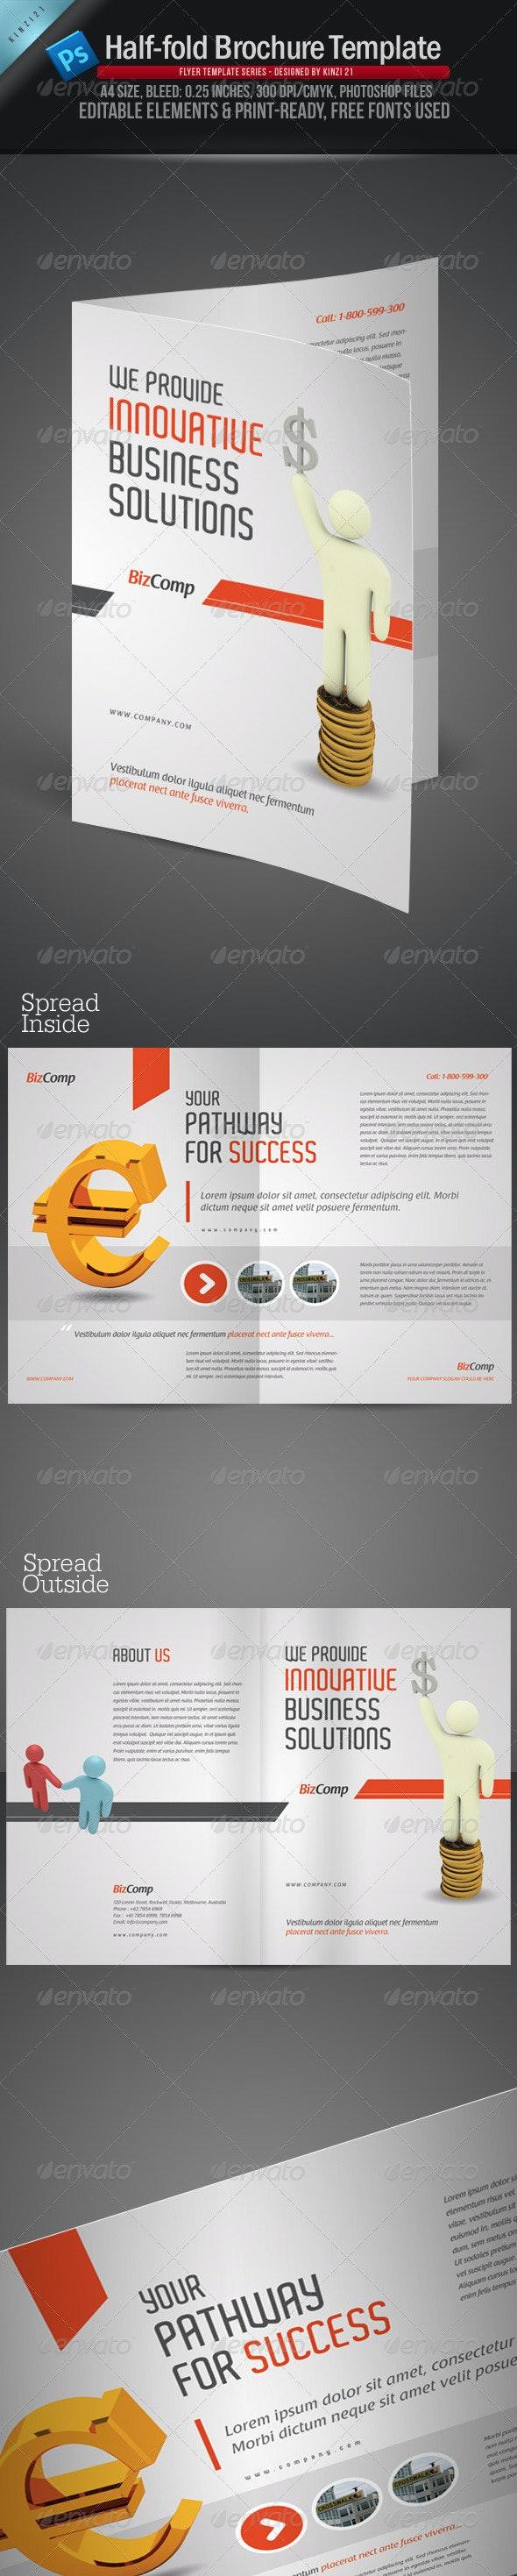 A4 Half Fold Brochure Template - Corporate Brochures